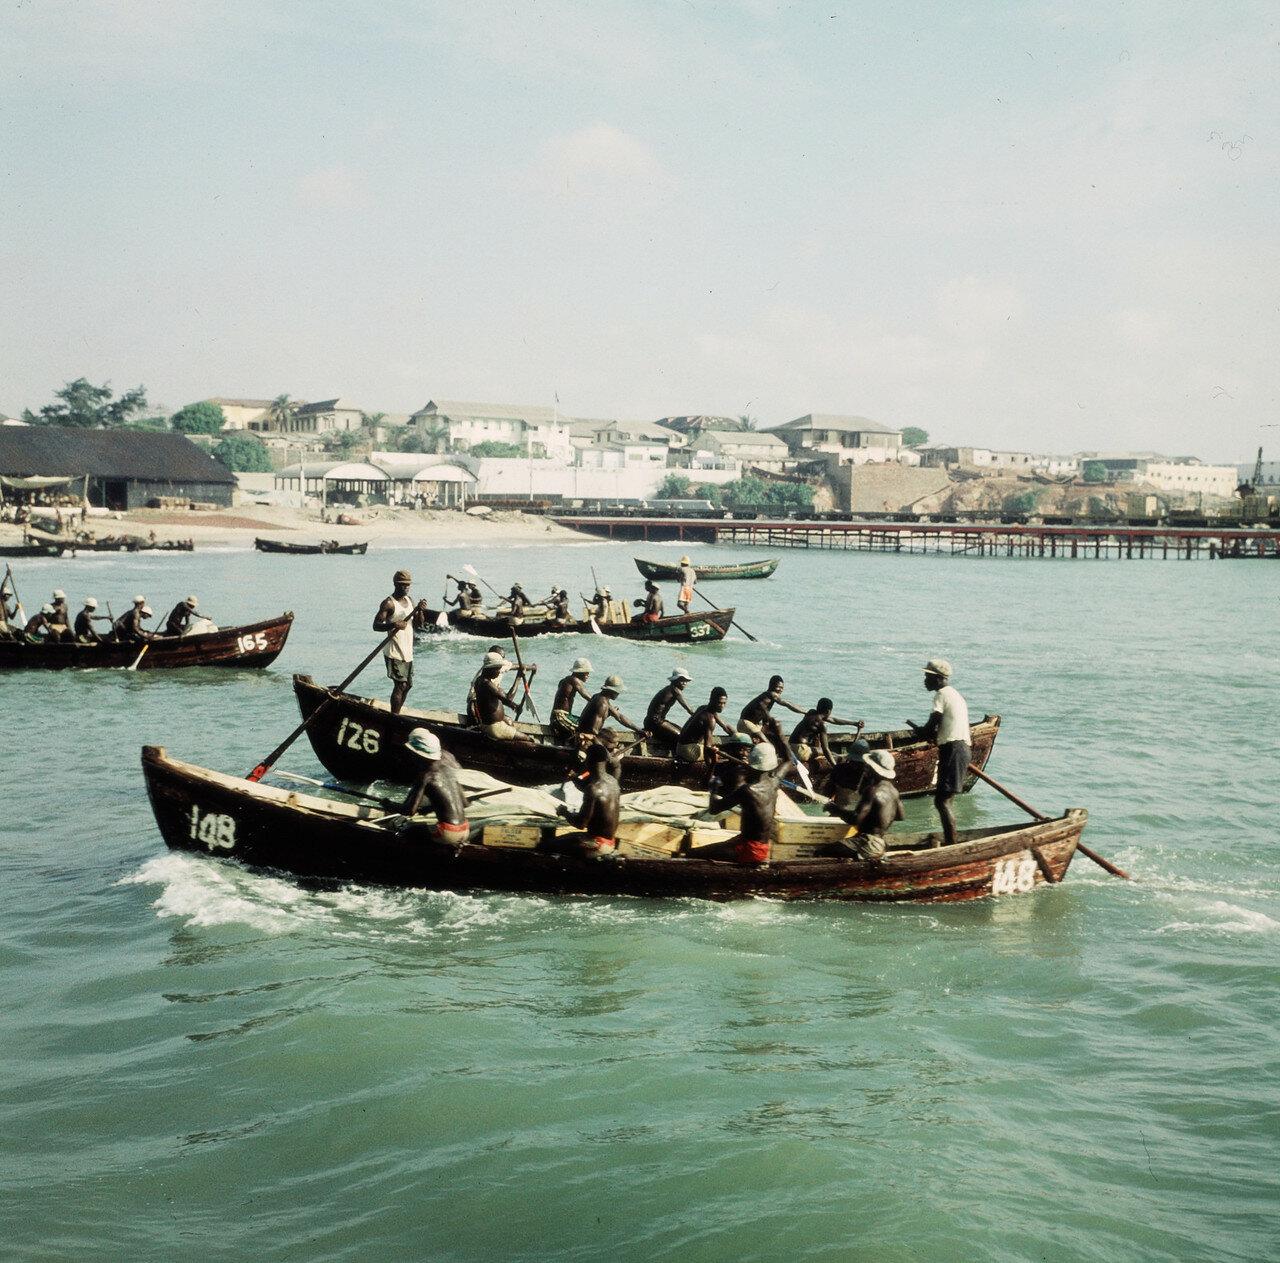 Перевозка товаров с помощью прибойных шлюпок на берег, 29 марта